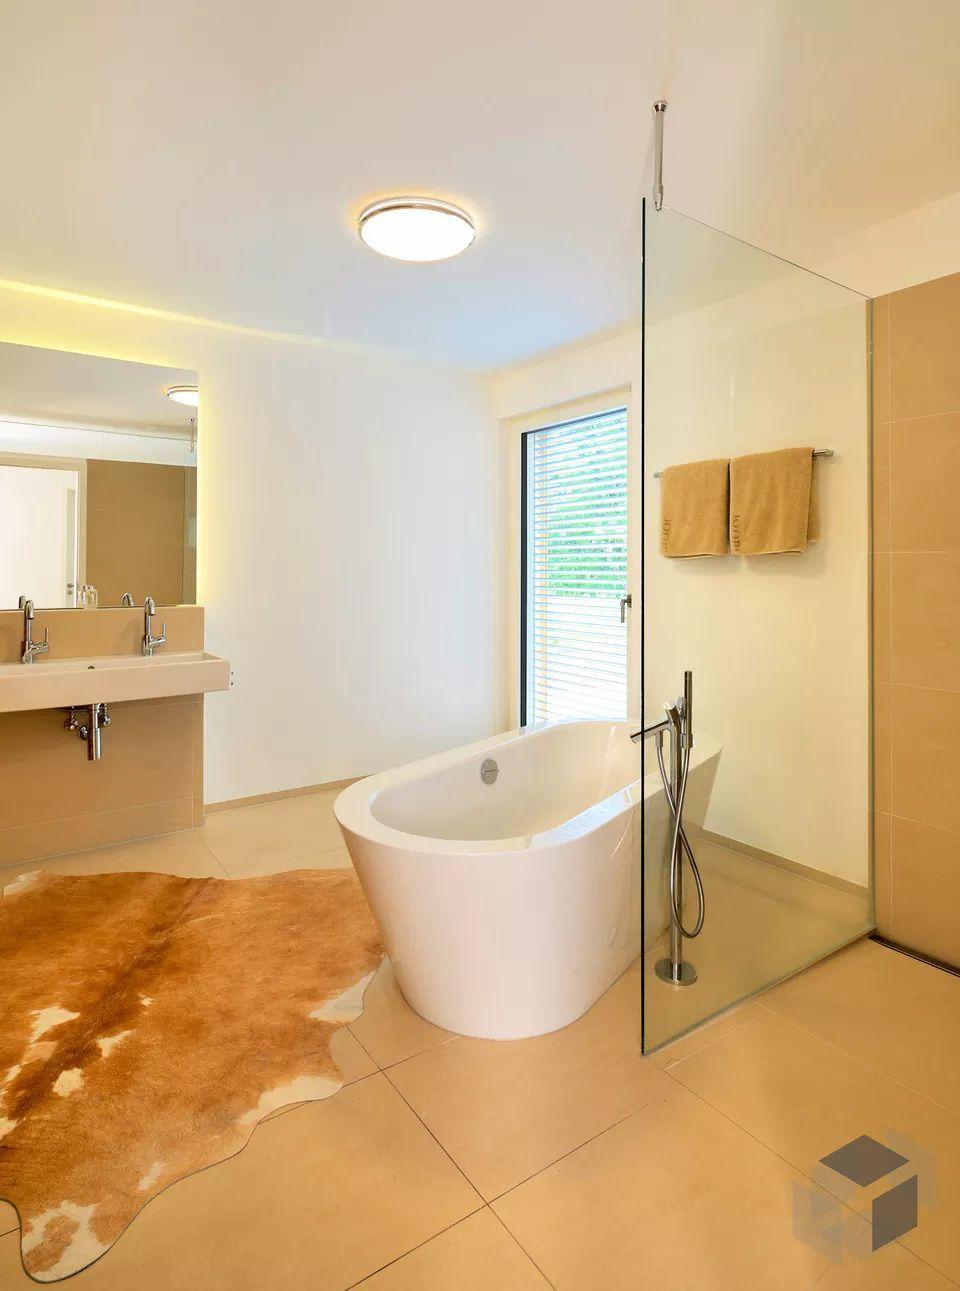 Modernes Und Geraumiges Badezimmer Zweifamilienhaus Erstling Kundenhaus Von Baufritz Hauser Und Anbieter Sc In 2020 Badewanne Freistehende Badewanne Badezimmer